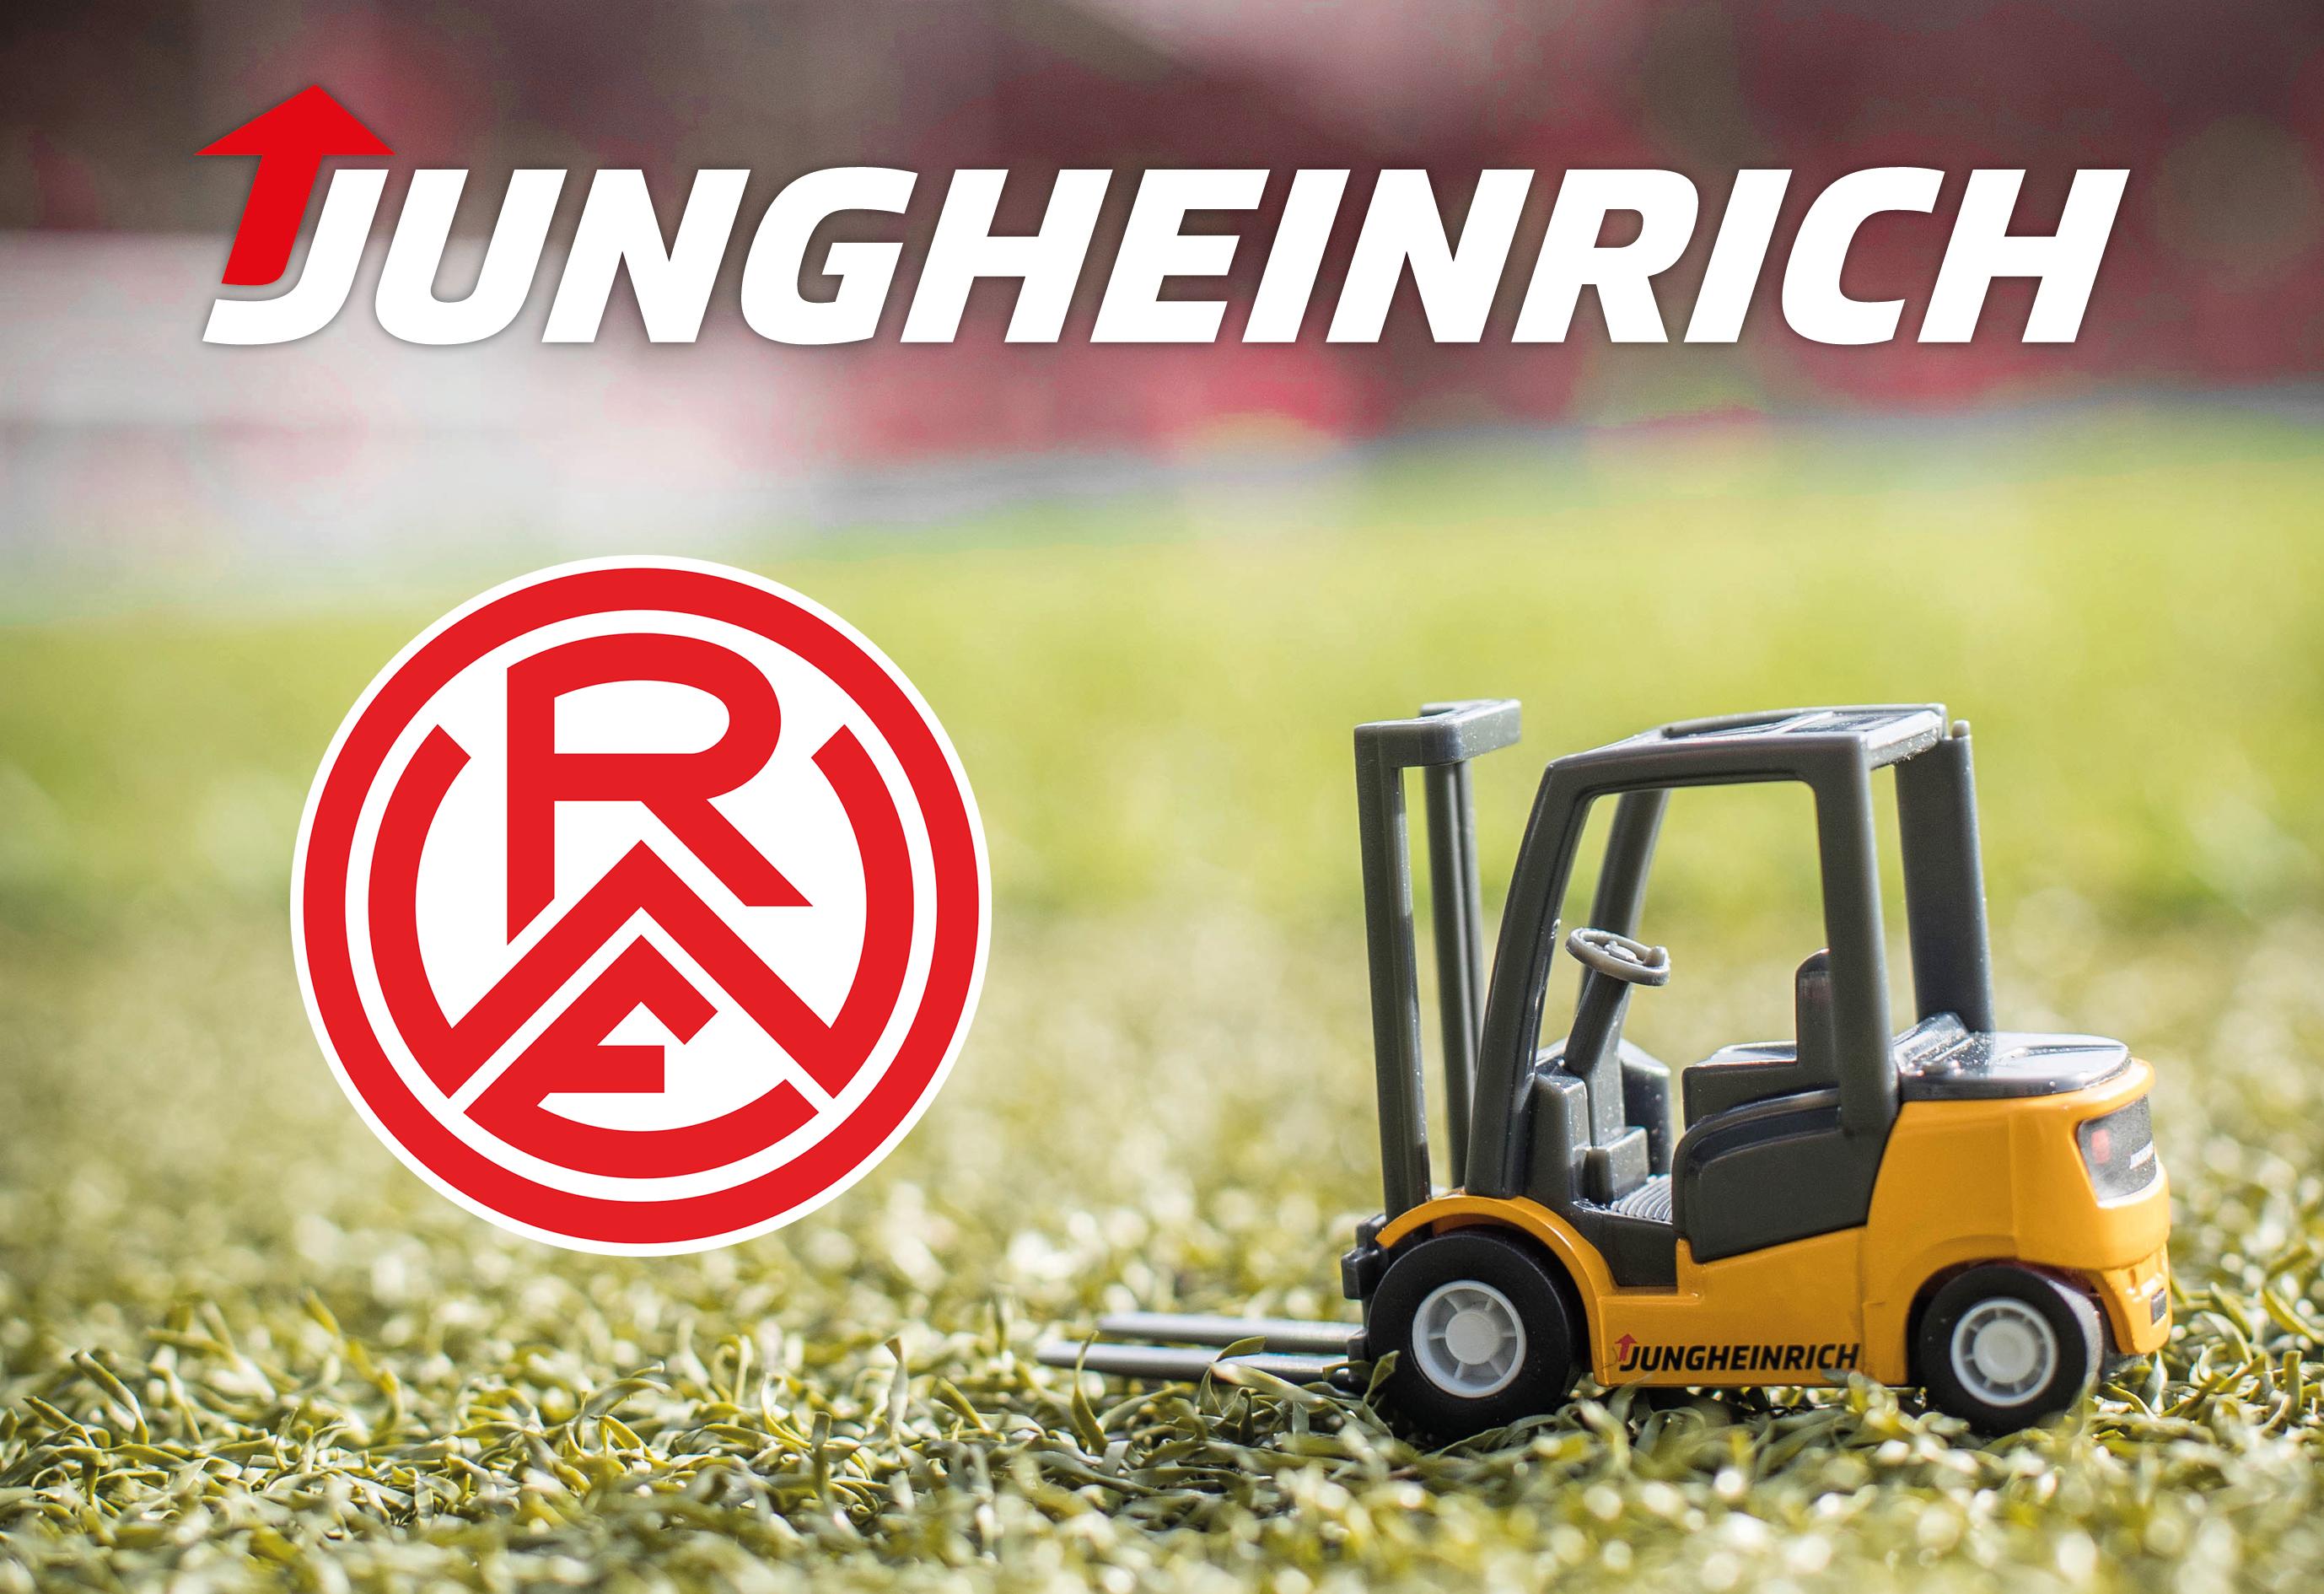 Die Jungheinrich Vertrieb Deutschland AG & Co. KG und RWE kooperieren zukünftig als Business Partner. (Foto: Jungheinrich / RWE)